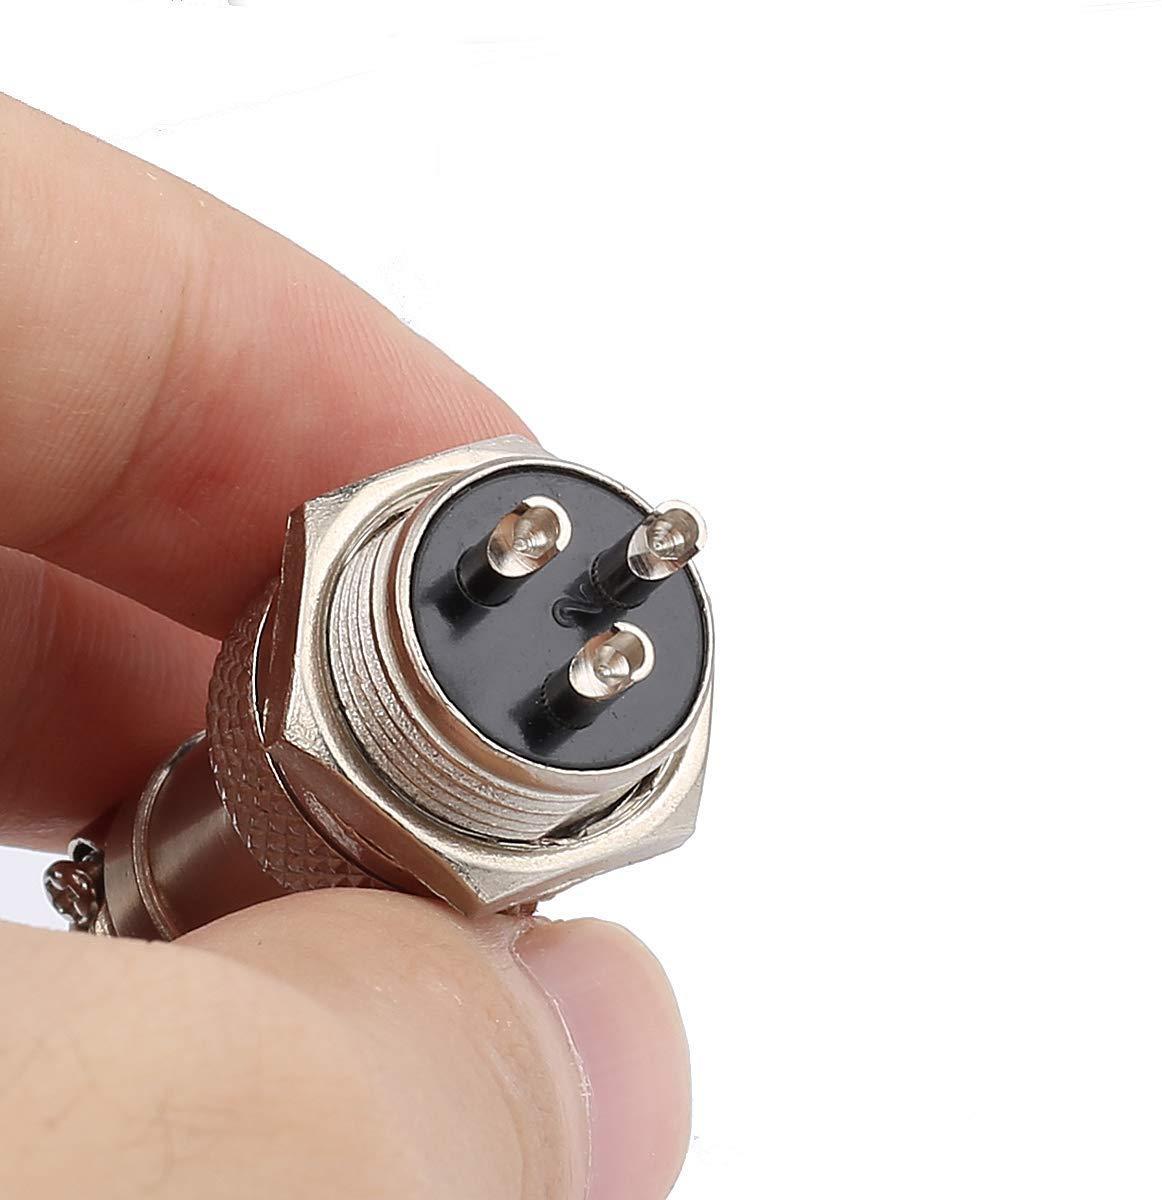 10 St/ücke Clyxgs GX16 4 Pins Panel Metallmontage Rund Metall Aviation Stecker Adapter M/ännlich Weiblich Steckdose